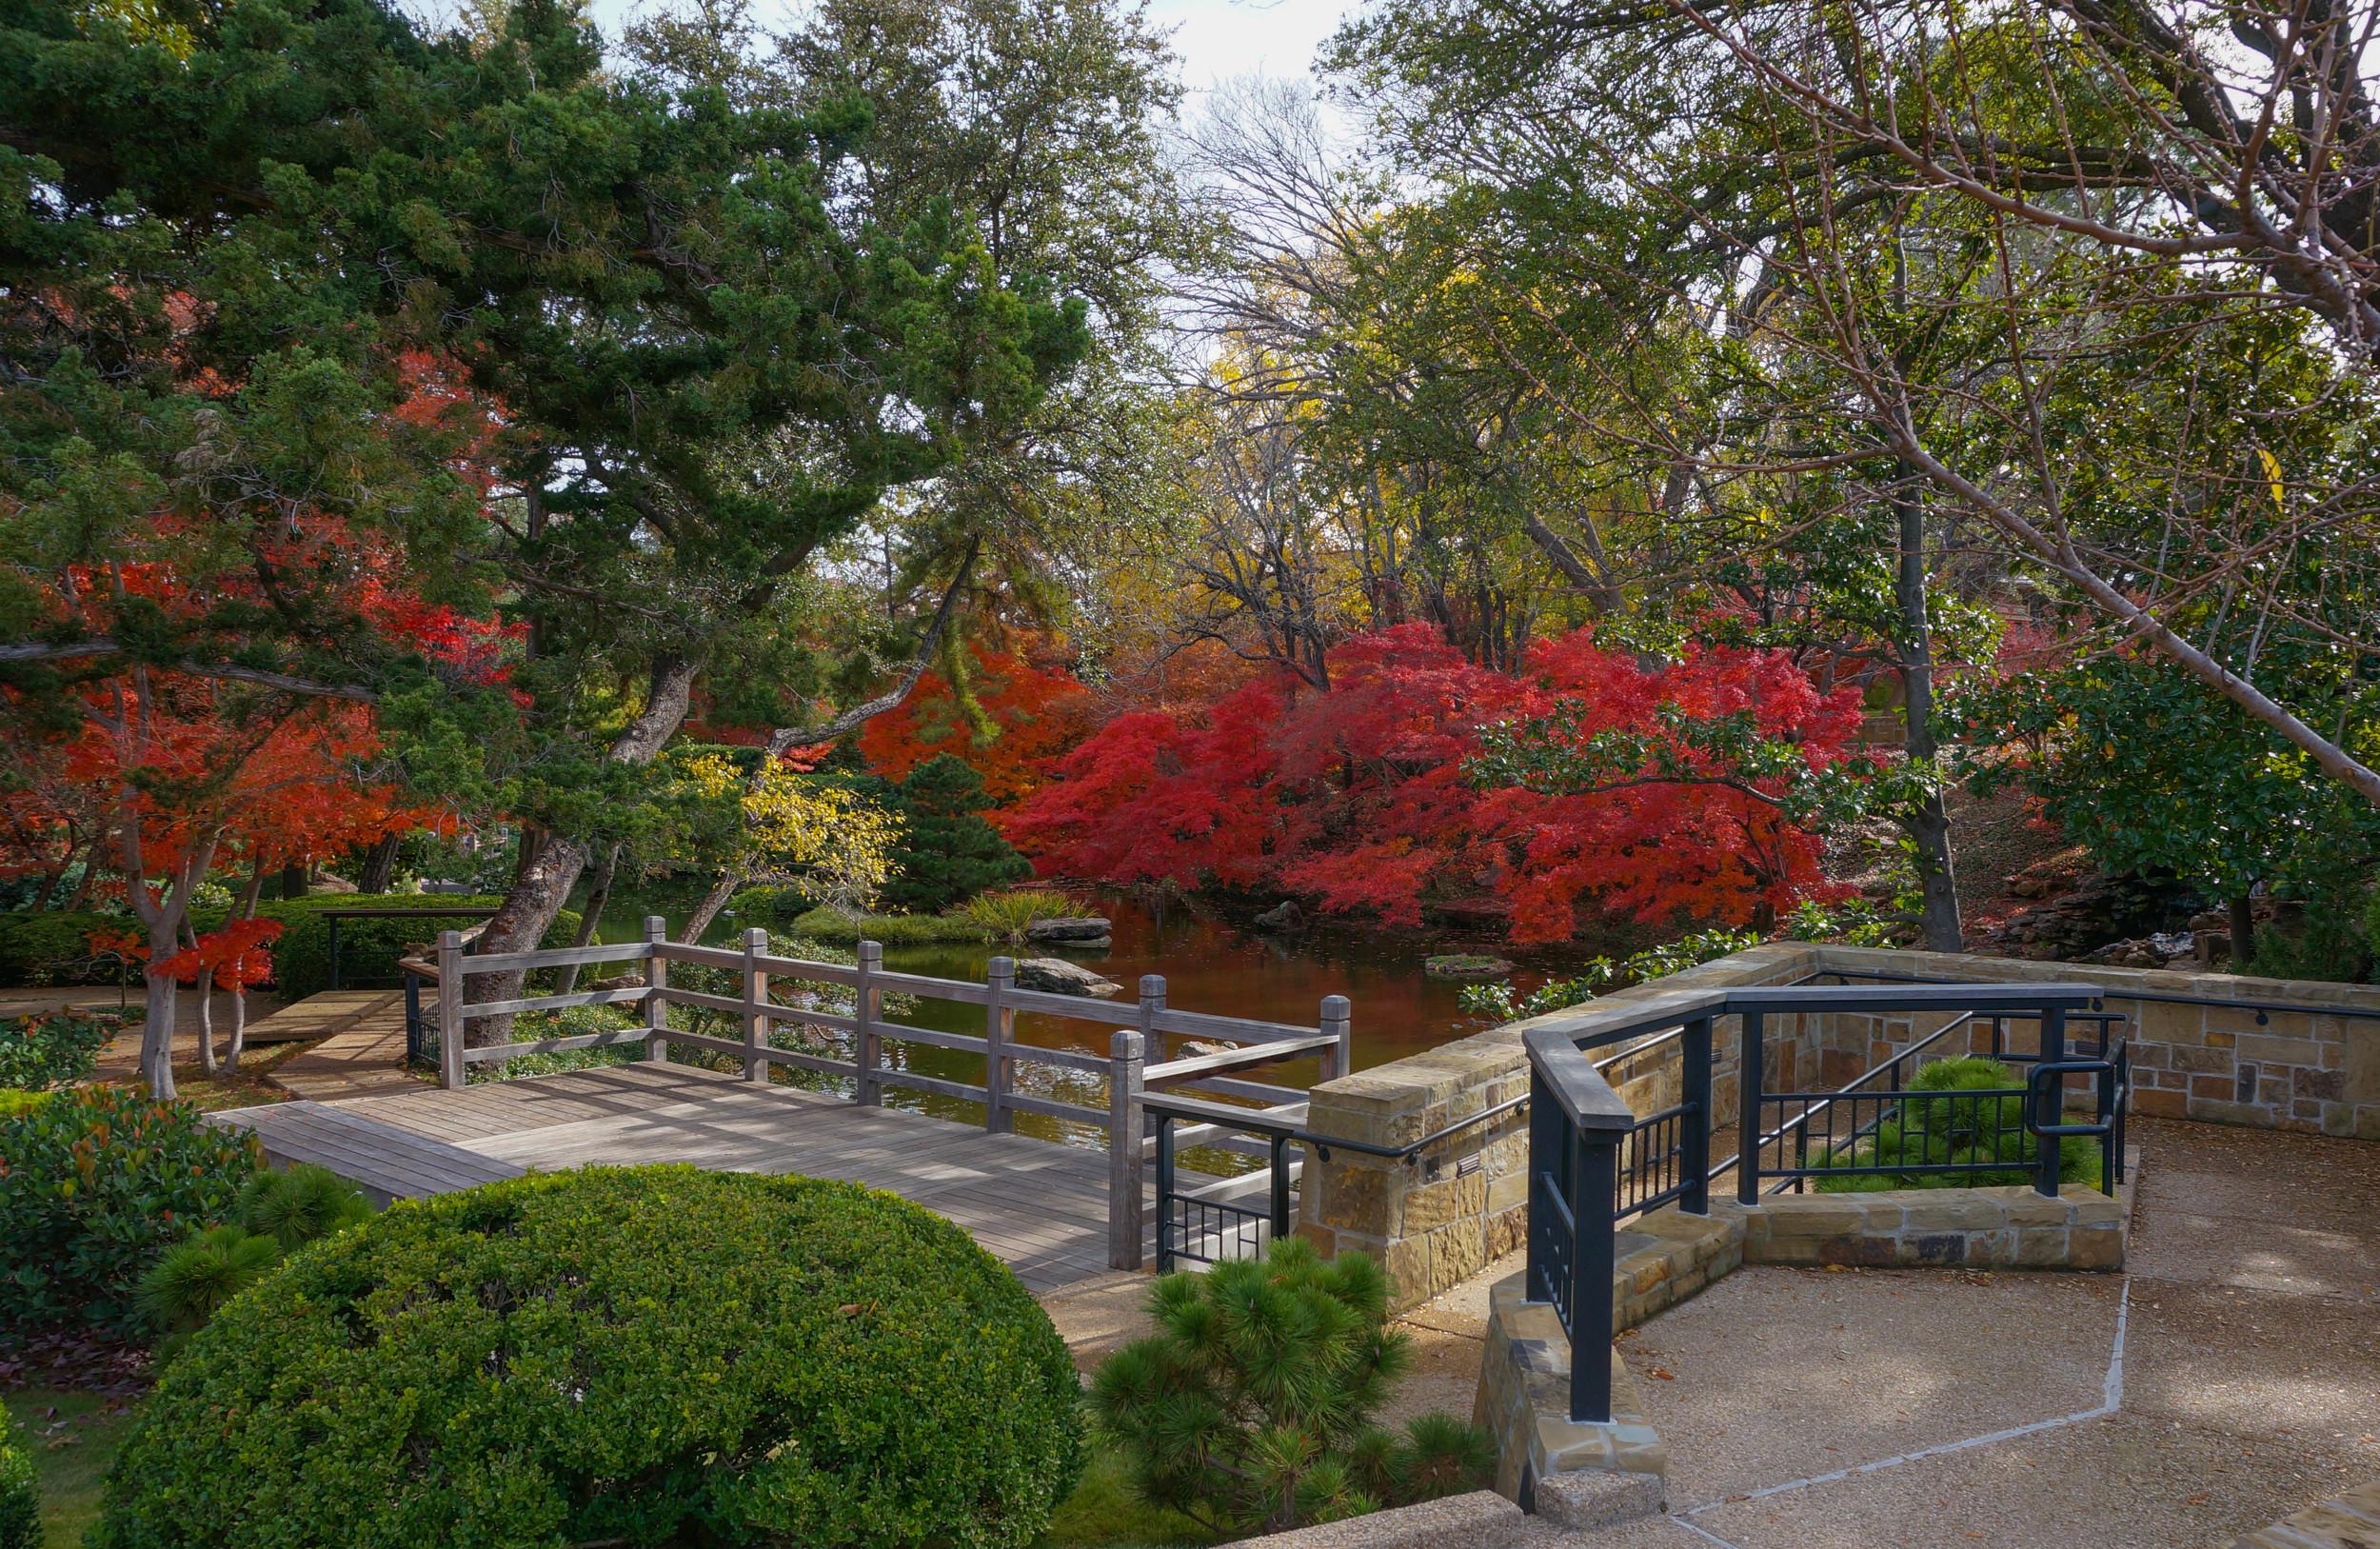 Late November in the Garden